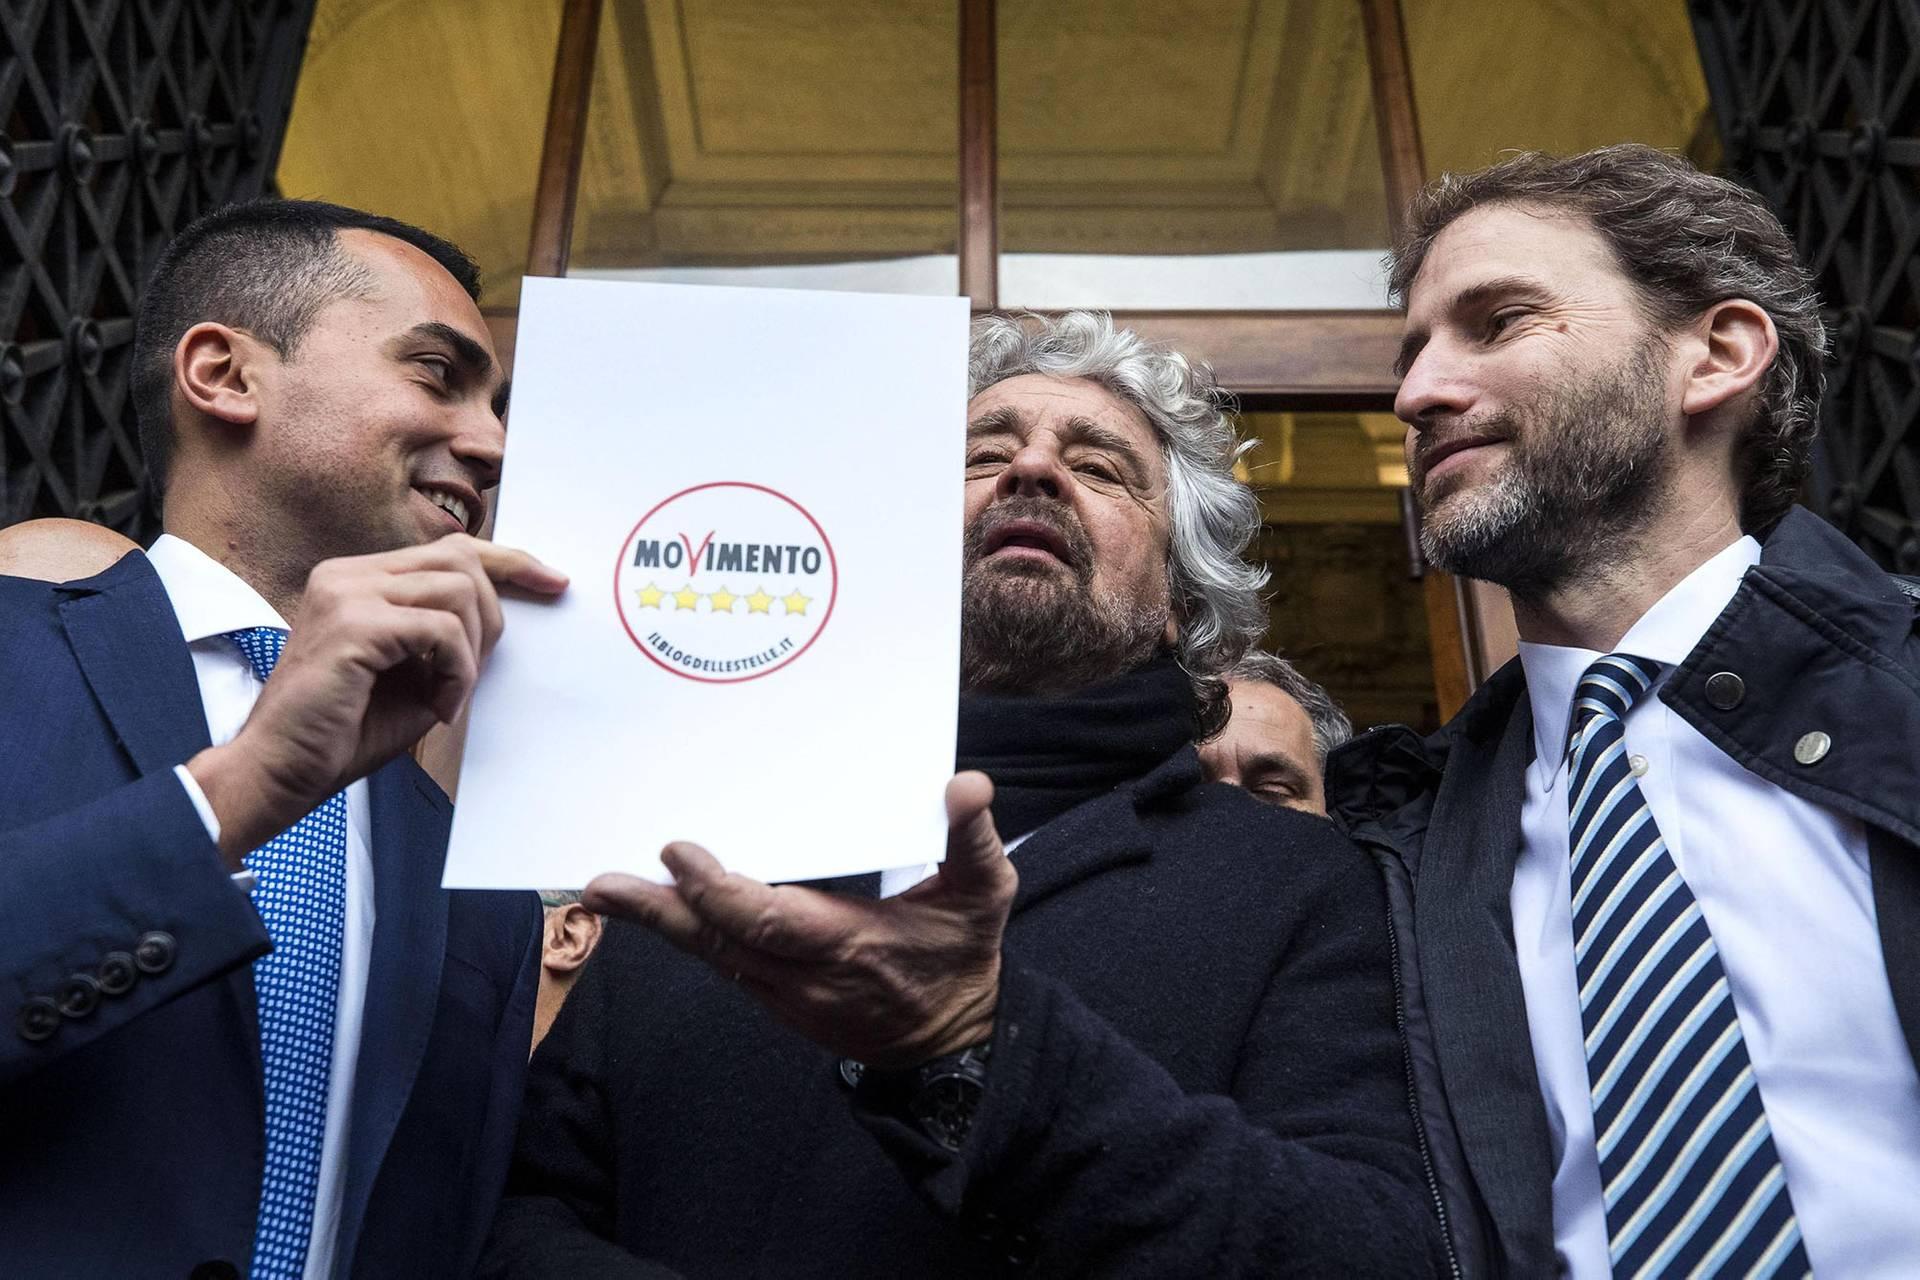 Зліва направо: лідер партії «Рух 5 зірок» і чинний віце-прем'єр-міністр Італії Луїджі ді Майо, засновник партії, комік Беппе Грілло та бізнесмен Давіде Казаледжо, якого вважають координатором і сірим кардиналом партії, позують для ЗМІ із новим логотипом партії перед загальними італійськими виборами, Рим, Італія, 19 січня 2018 року